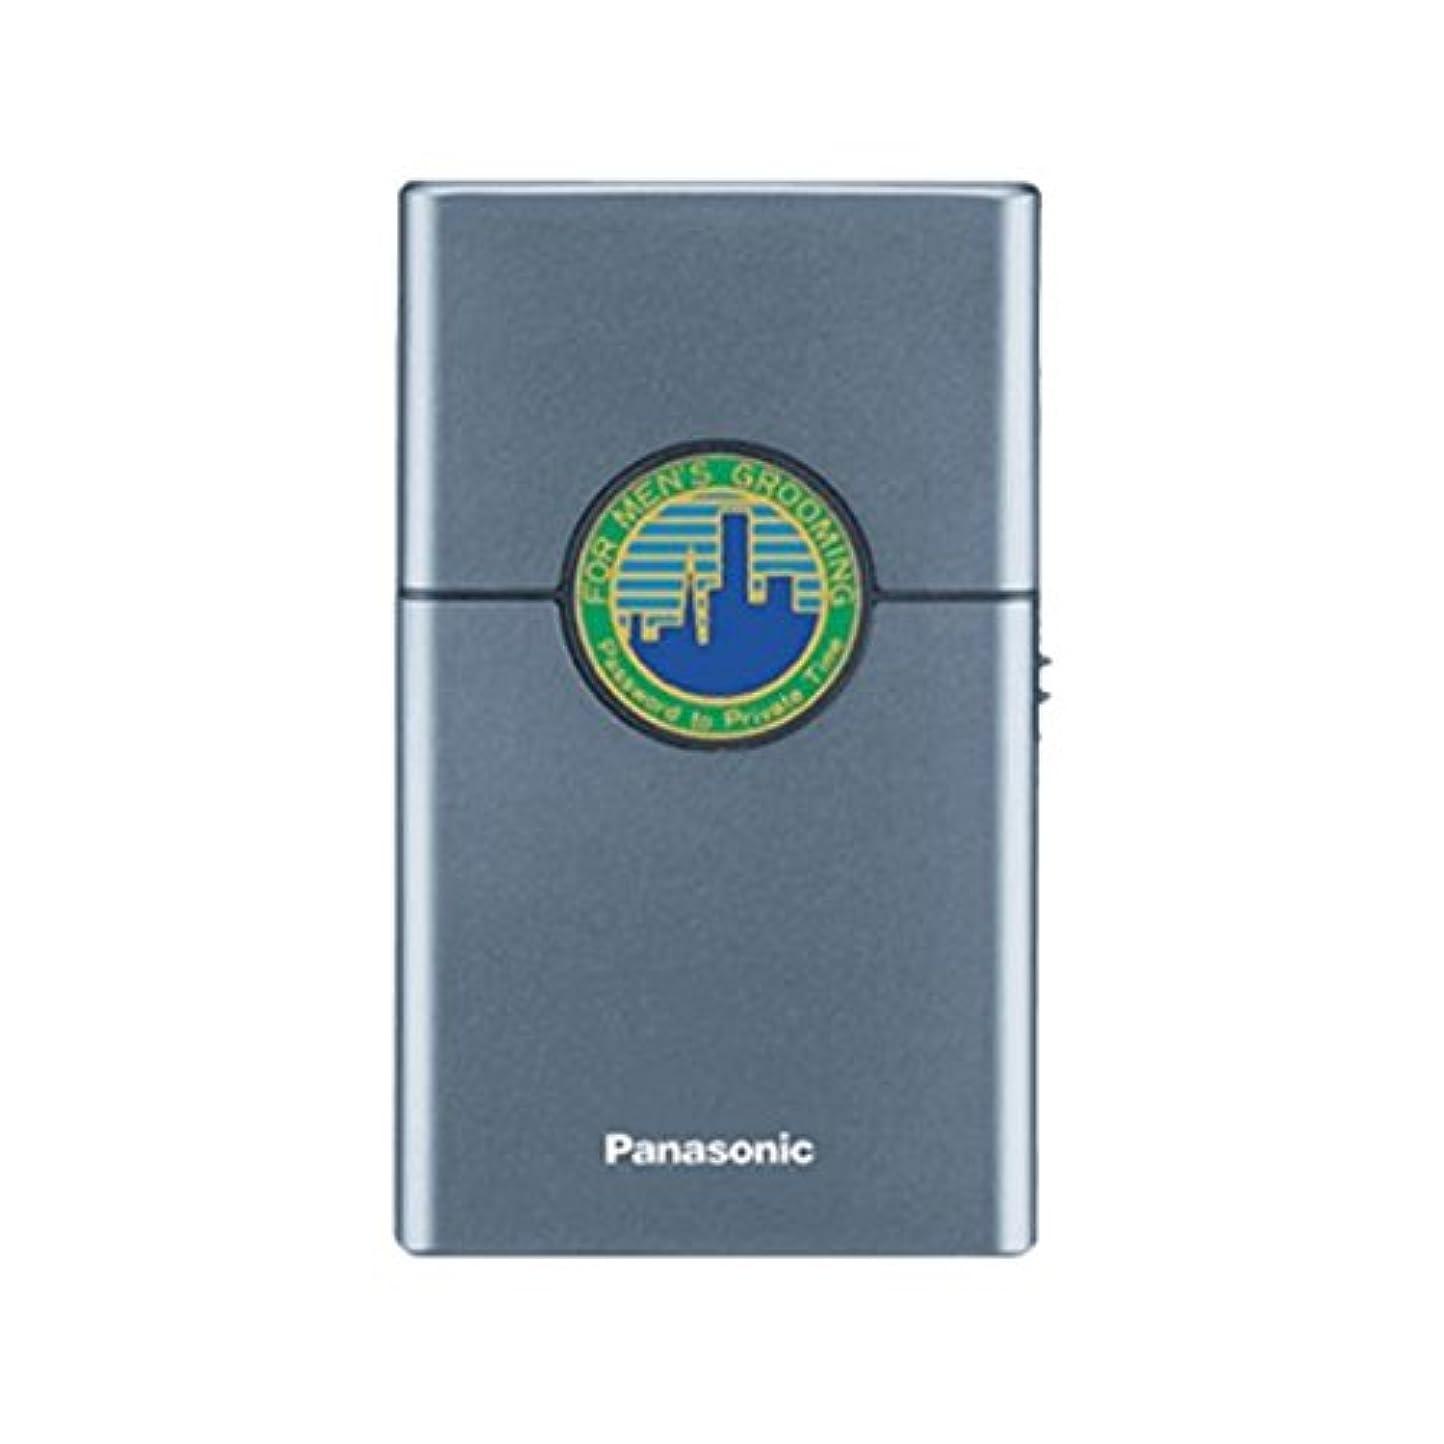 リーク切り下げ項目パナソニック PANASONIC ES518-AP77 [カードシェーバー AITE(アイト) ツーリストモデル]